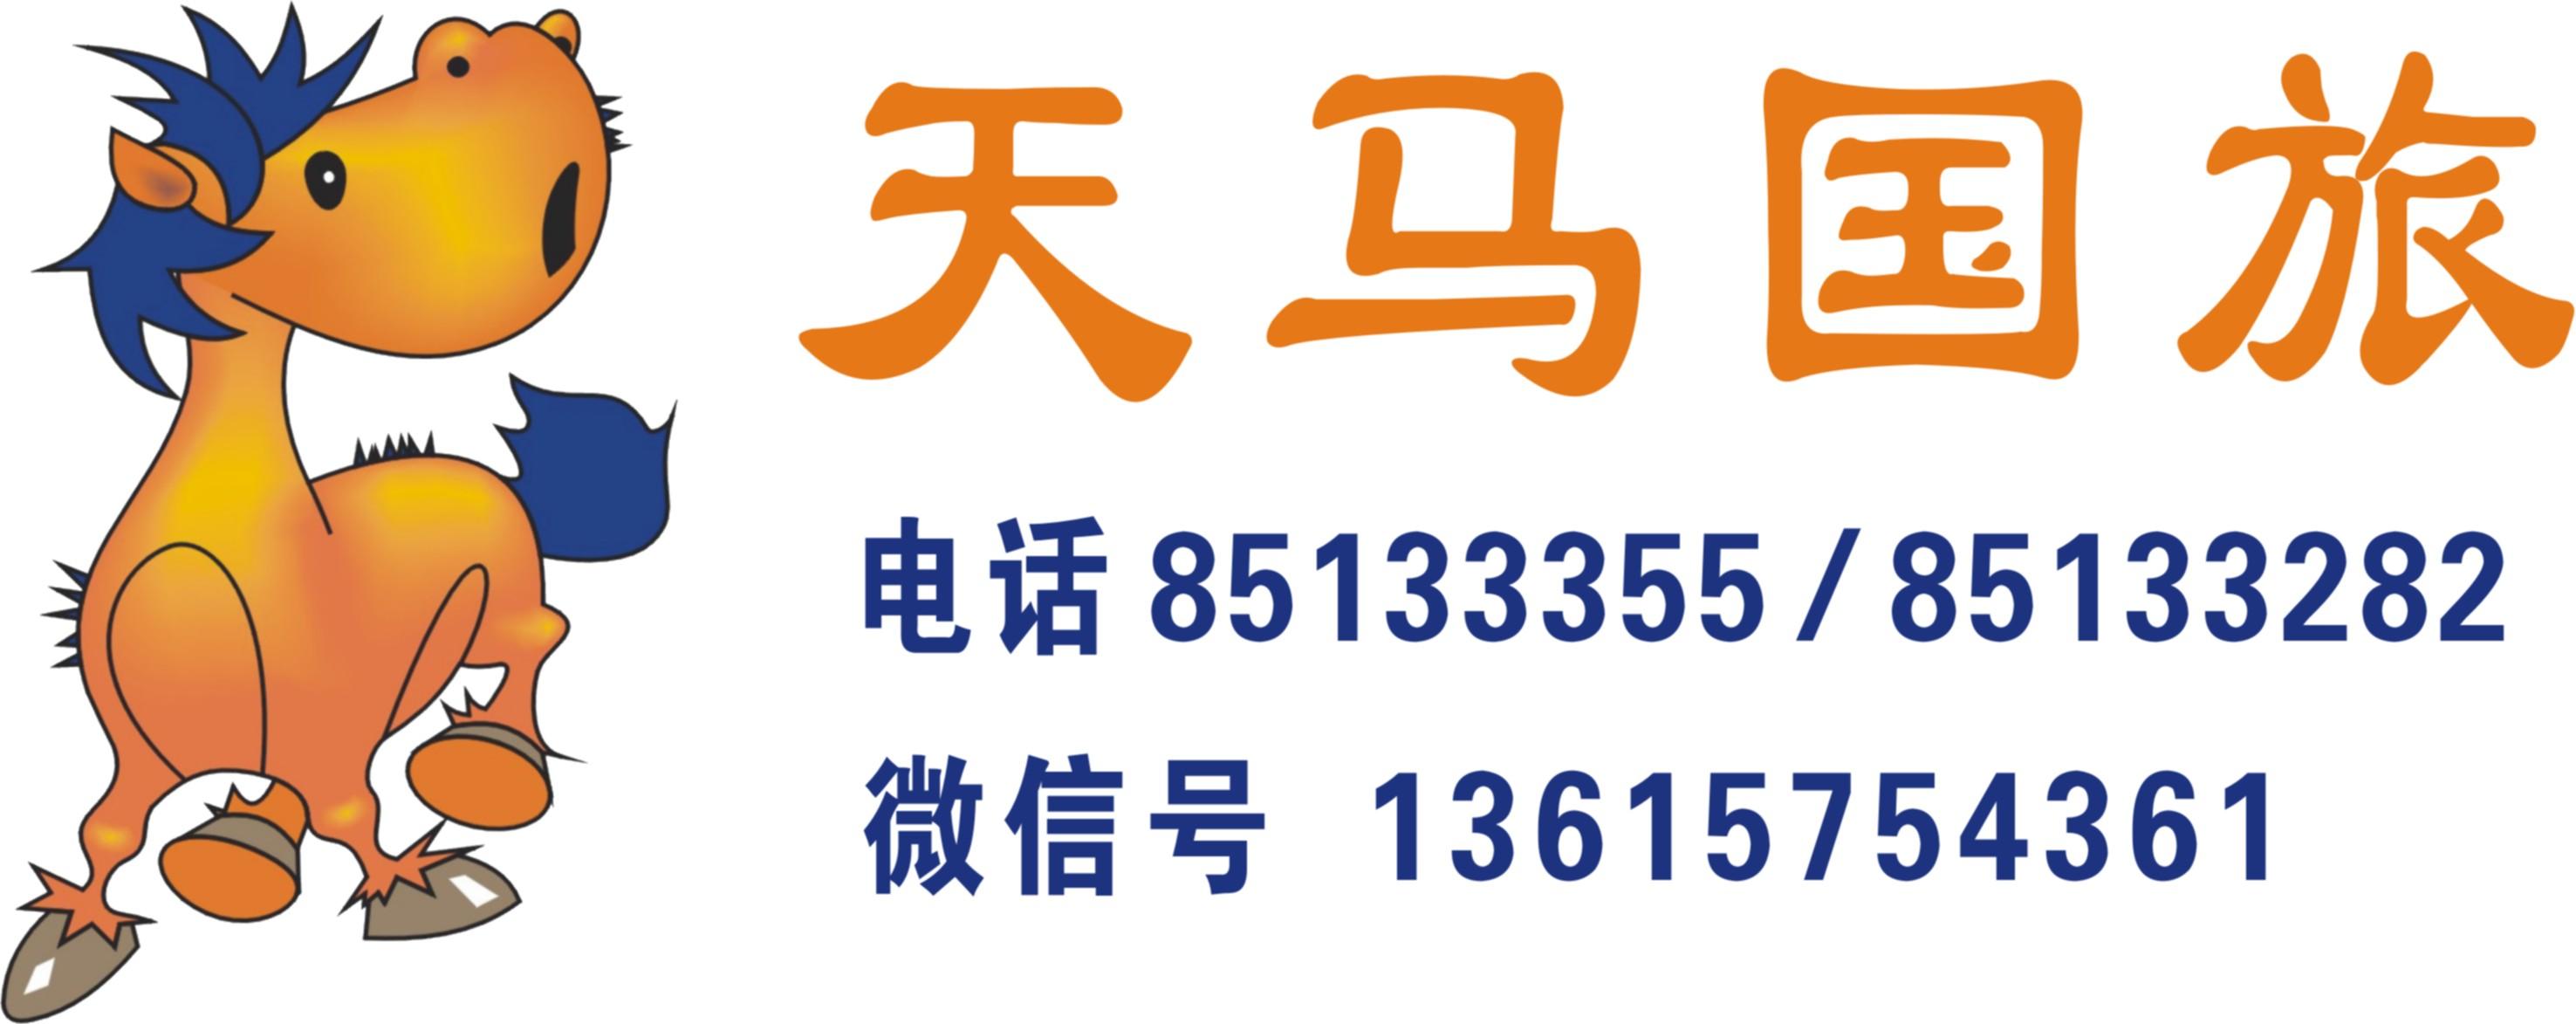 3月【三亚自由行 2晚万豪2晚亚龙湾瑞吉度假酒店】网红爆款